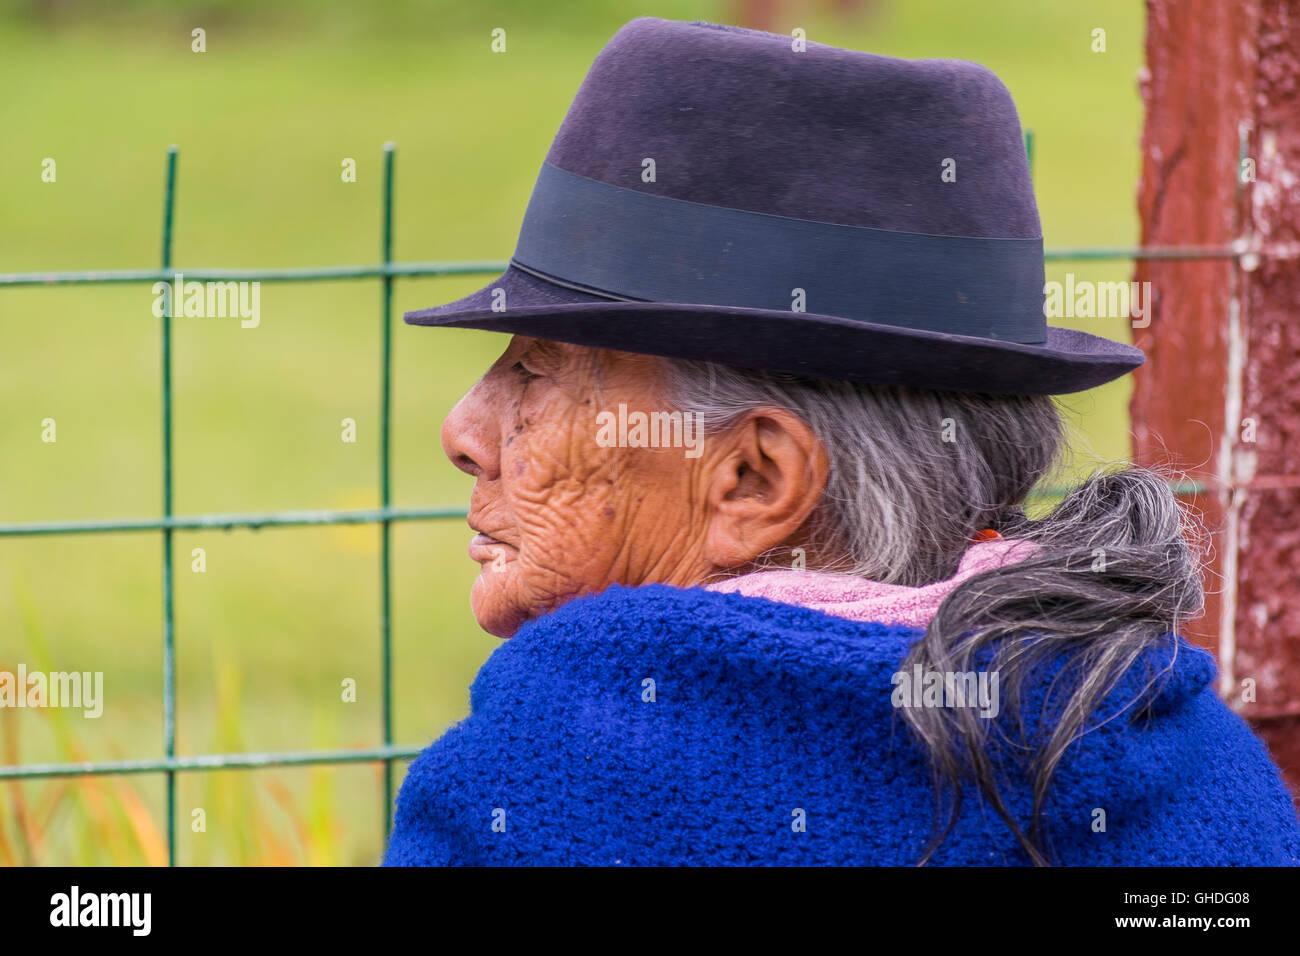 Ecuadorian Hat Imágenes De Stock   Ecuadorian Hat Fotos De Stock - Alamy e96278f70d7